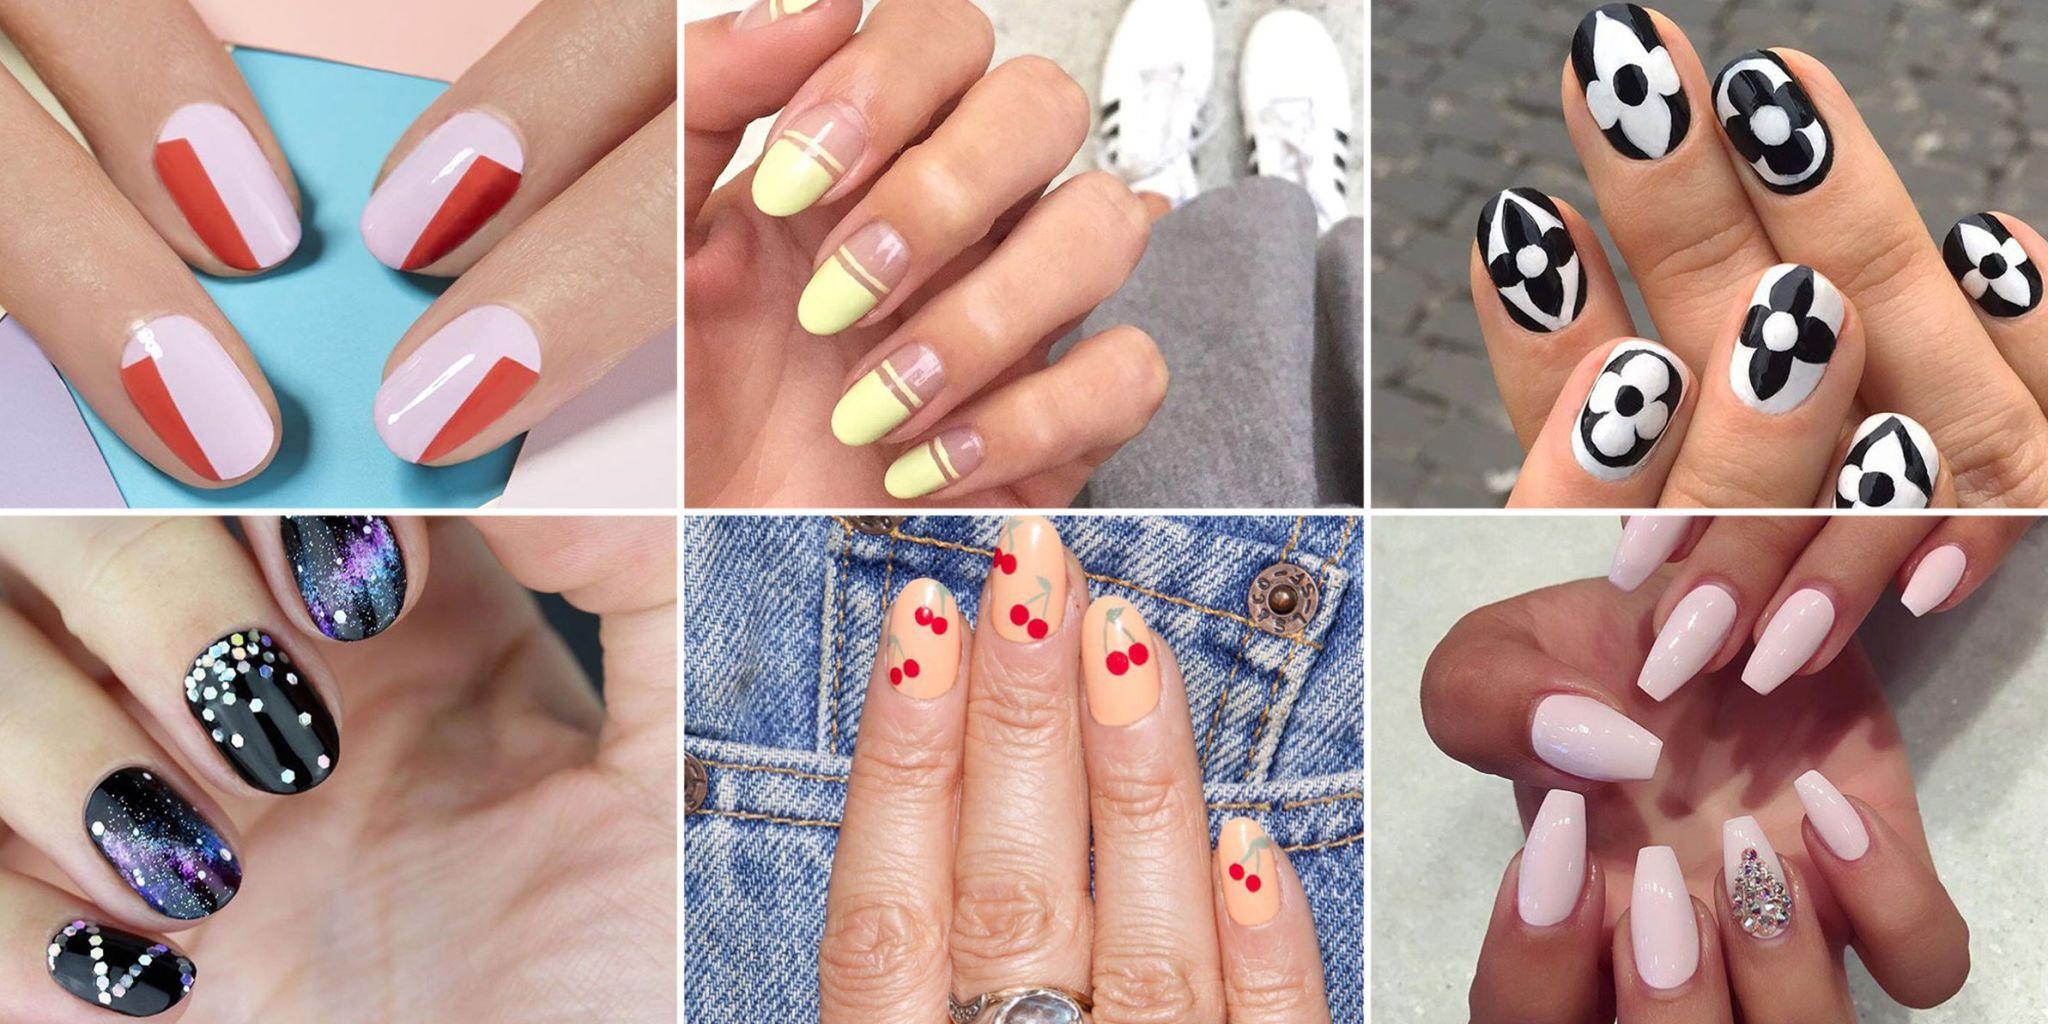 Long nails hand job our nails